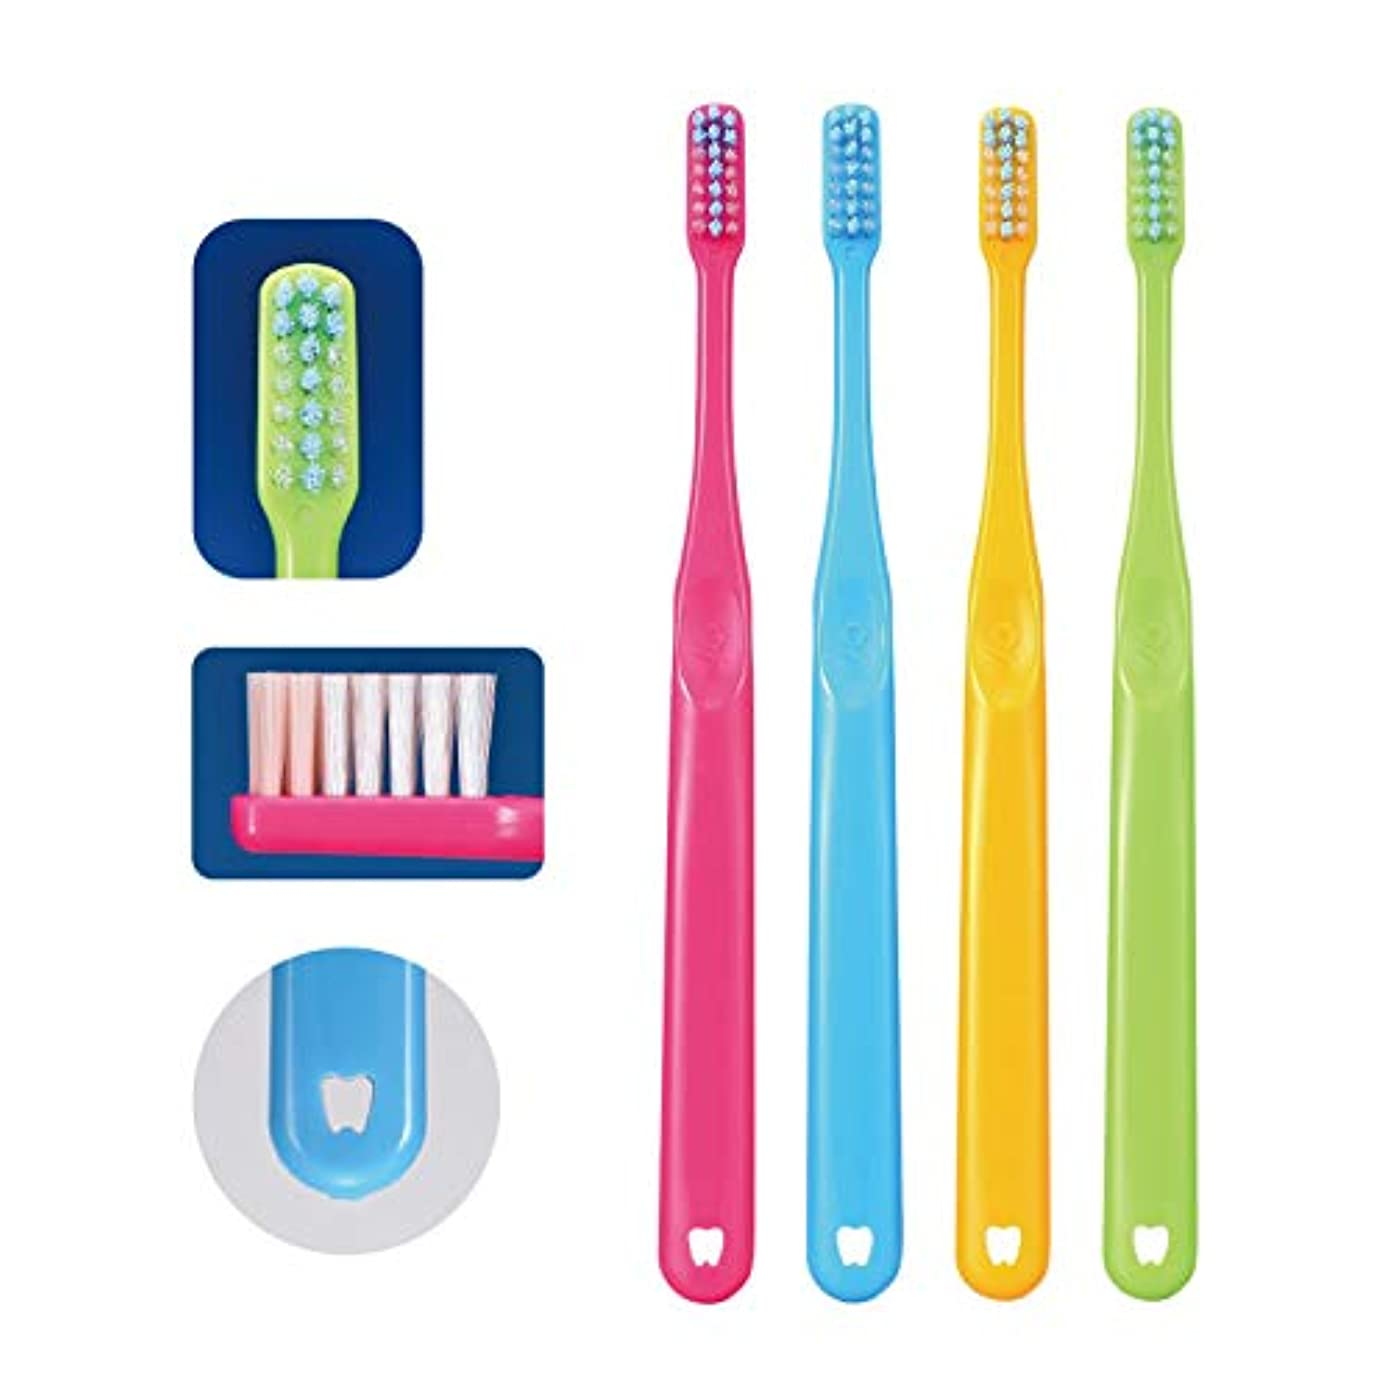 嫌なダンプ精緻化Ci PRO PLUS プロプラス 歯ブラシ 20本 S(やわらかめ) 日本製 プラーク除去 歯科専売品